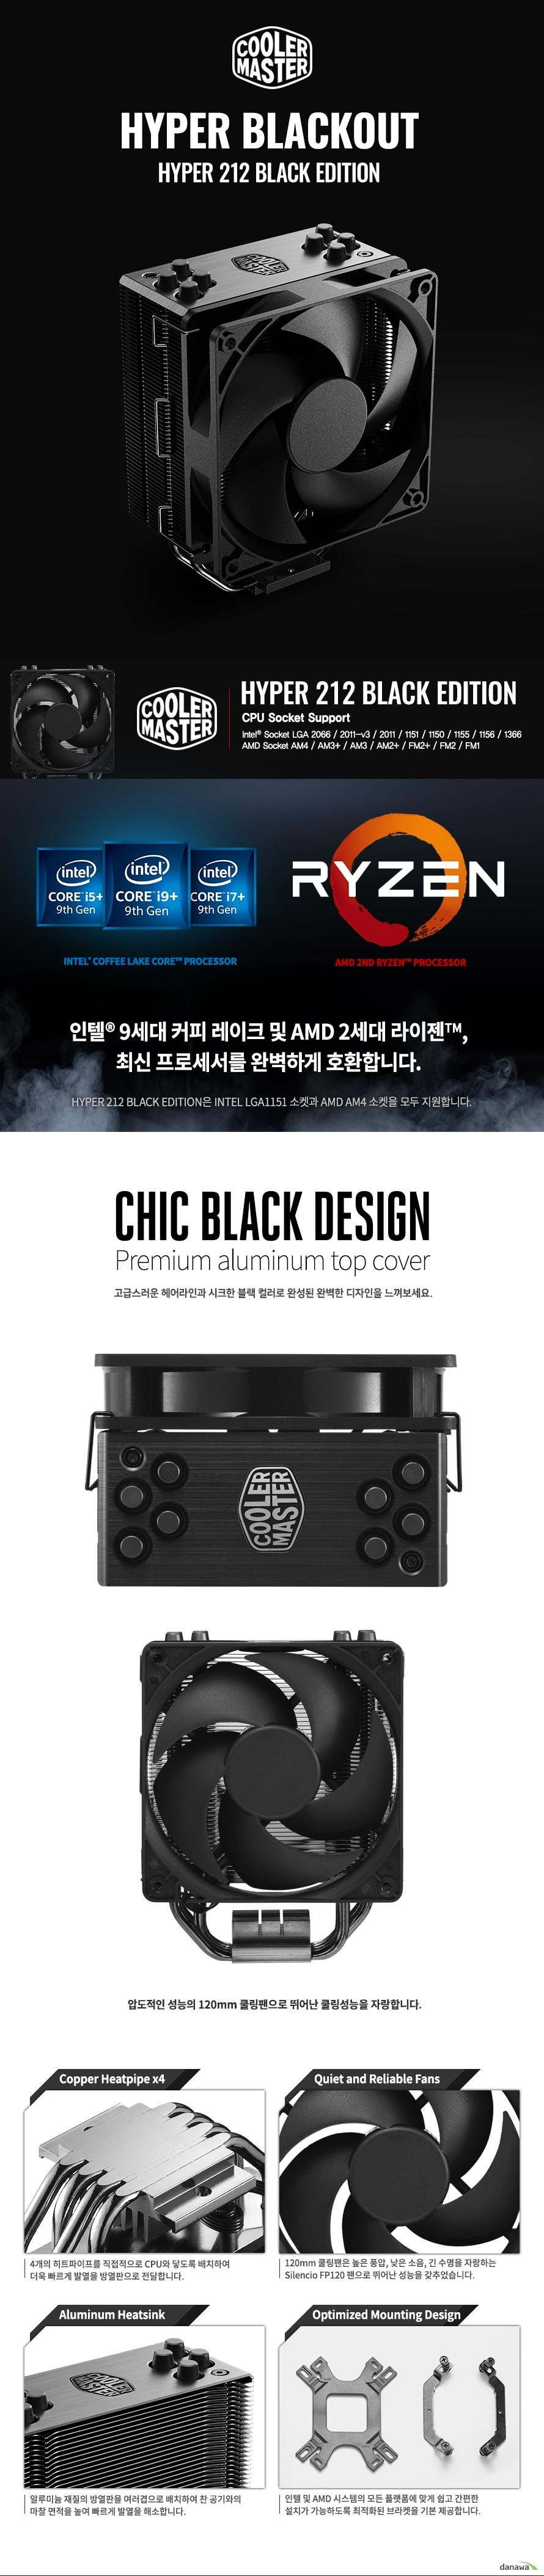 쿨러마스터 Hyper 212 Black Edition  상세 스펙          CPU 소켓 인텔 소켓 LGA 2066 2011-V3 2011 1151 1155 1156 1366           AMD 소켓 am4 am3+ am2+ am2 fm2+ FM2 FM1     DIMENSIONS 123 77 158.8 밀리미터     HEATSINK DIMENSIONS 60 116 158.5 밀리미터     HEATSINK MATERIAL 알루미늄 핀 4히트 파이프 다이렉트 콘텍트     HEATSINK WEIGHT 420그램     HEATPIPE DEMENSIONS 지름 6밀리미터     FAN DIMENSIONS 120 120 25밀리미터     FAN SPEED 650에서 600 에서 2000RPM + - 10퍼센트     FAN AIR FLOW 42 CFM     FAN AIR PRESSURE 2.9 밀리미터 H20     FAN MTTF 16만시간     NOISE LEVEL 6.5에서 26데시벨     CONNECTOR 4핀 PWM 커넥터     RATED VOLTAGE 12VDC     RATED CURRENT 0.08암페어     POWER CONSUMPTION 0.96와트     WARRANTY 2년 보증          쿨러마스터 a/s 처리규정 안내          제품에 대한 a/s 요청시 제품의 바코드 번호 또는 구매내역서 피수     a/s기간동안 기능적인 불량의 경우 해당하는 부품을 무상 1대1 교환 진행     제품의 개조 및 과실로 인한 변경 및 파손과 천재지변으로 인한 제품 손상의 경우     a/s  보상을 책임지지 않습니다.          제품의 기본 골격 프레임은 a/s가 불가하며 제공 가능한 부품만 a/s가능     쿨러마스터의 a/s규정에 따라 서비스가 진행이 되며 제조사 사정에 따라 부품이 변경될 수 있습니다.     제품 사용중 소프트웨어 및 기타 부속품 및 자사 제품 외의 제품의 손실은 당사에서 책임을 지지 않습니다.          a/s 기간 내에 부품 1대1 교환시 배송비(왕복) 전액 주 대양케이스에서 부담하는 서비스 제공     로젠택베 이외의 타 택배사 이용시 고객님에게 과금 됩니다.          a/s 요청시 필시항목인 바코드가 없는 경우는 a/s에 대한 책임을 지지 않습니다.          쿨러마스터 대한민국 공식 수입 및 유통은 주 대양케이스 입니다.     쿨러마스터의 모든 제품은 공식 수입원인 주 대양케이스를 통해 서비스를 받으실 수 있습니다.     쿨러마스터 제품 구매후 박스 및 제품 내부에 시리얼 스티커를 꼭 확인 하시기 바랍니다.     주 대양케이스의 정식 유통 제품이 아닌 제품은 a/s를 받으실 수 없습니다.